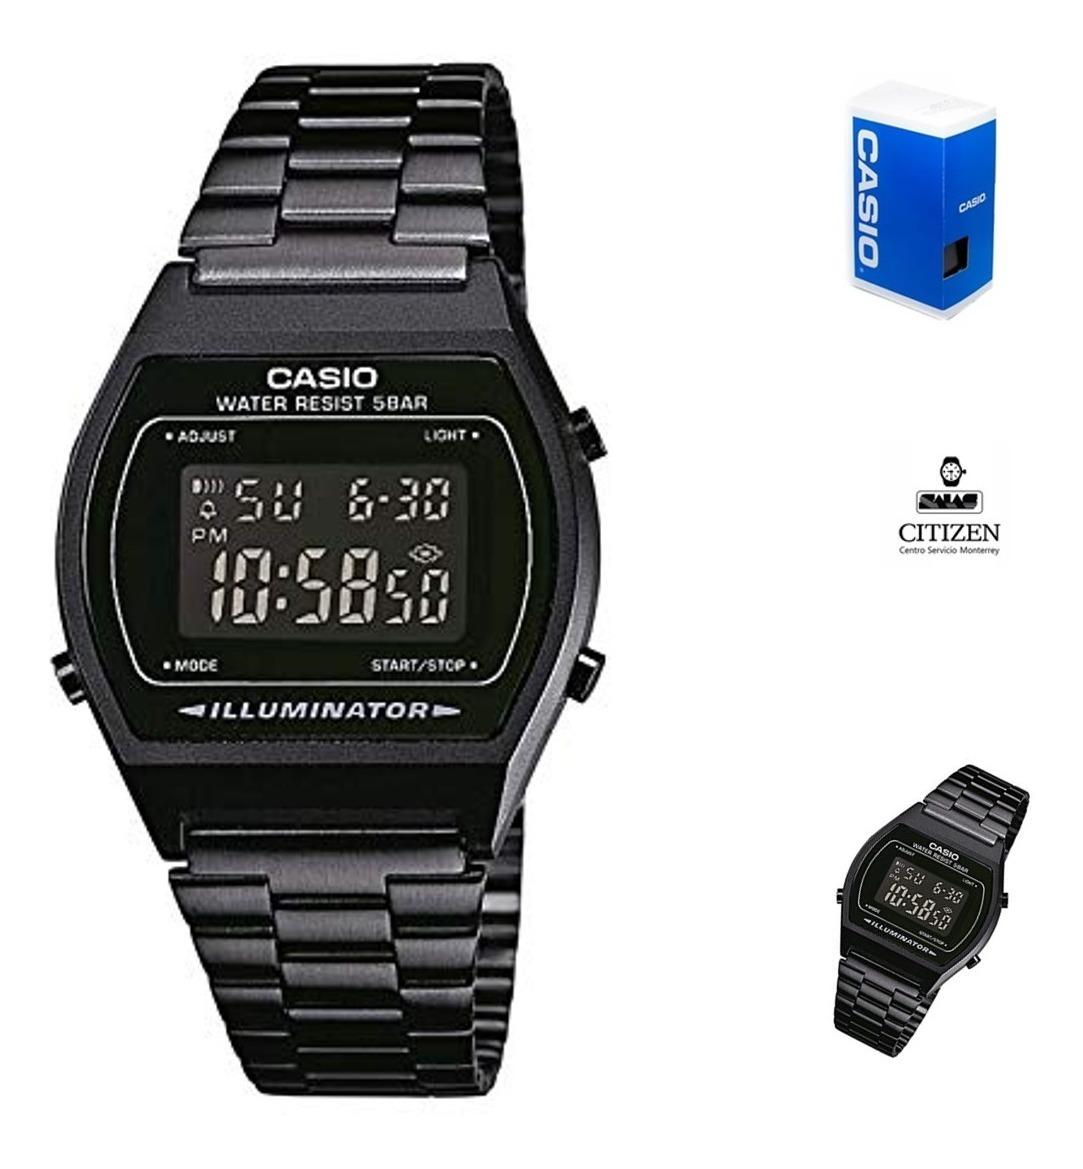 Retro Reloj Hombre Full Casio B640 Negro jGqLSUMVzp